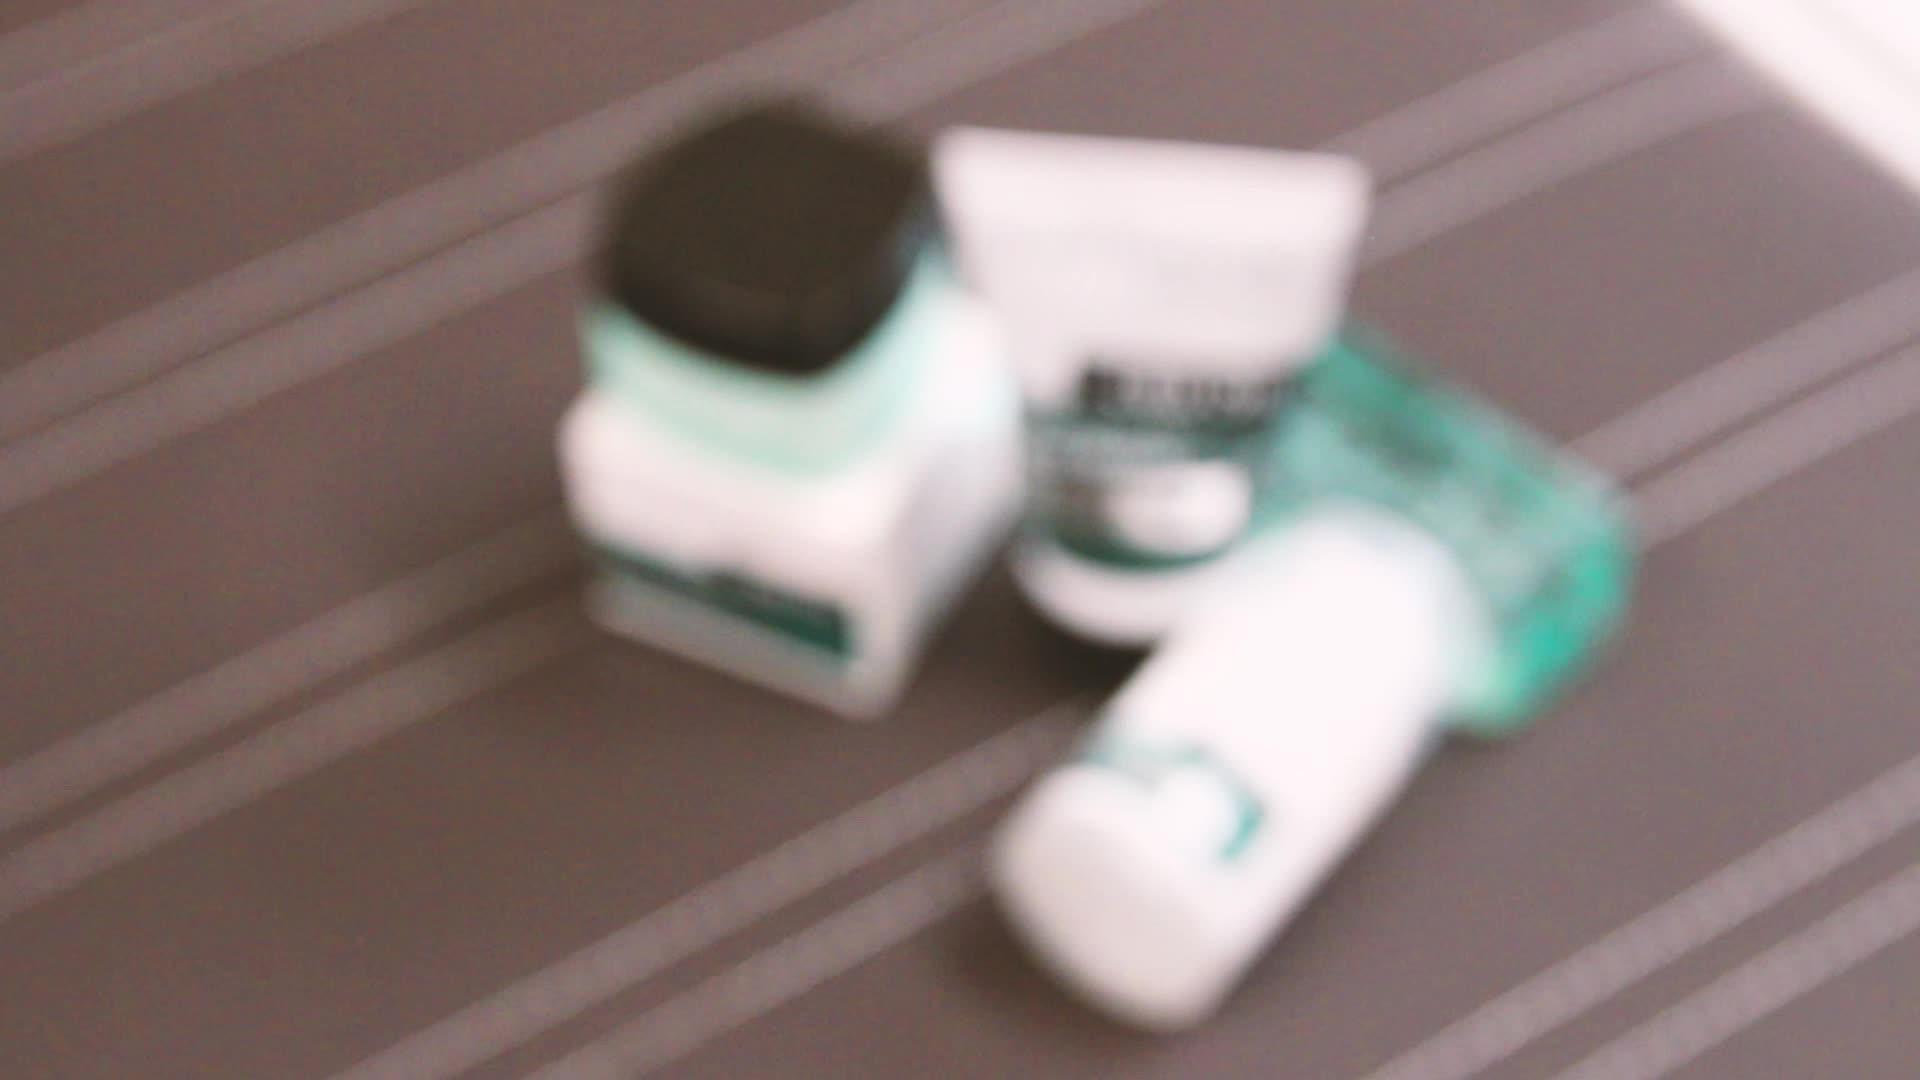 Huile de chanvre CBD Bio Hydratant Visage Spa Blanc Naturel Visage Crème Éclaircissante Étiquette Privée